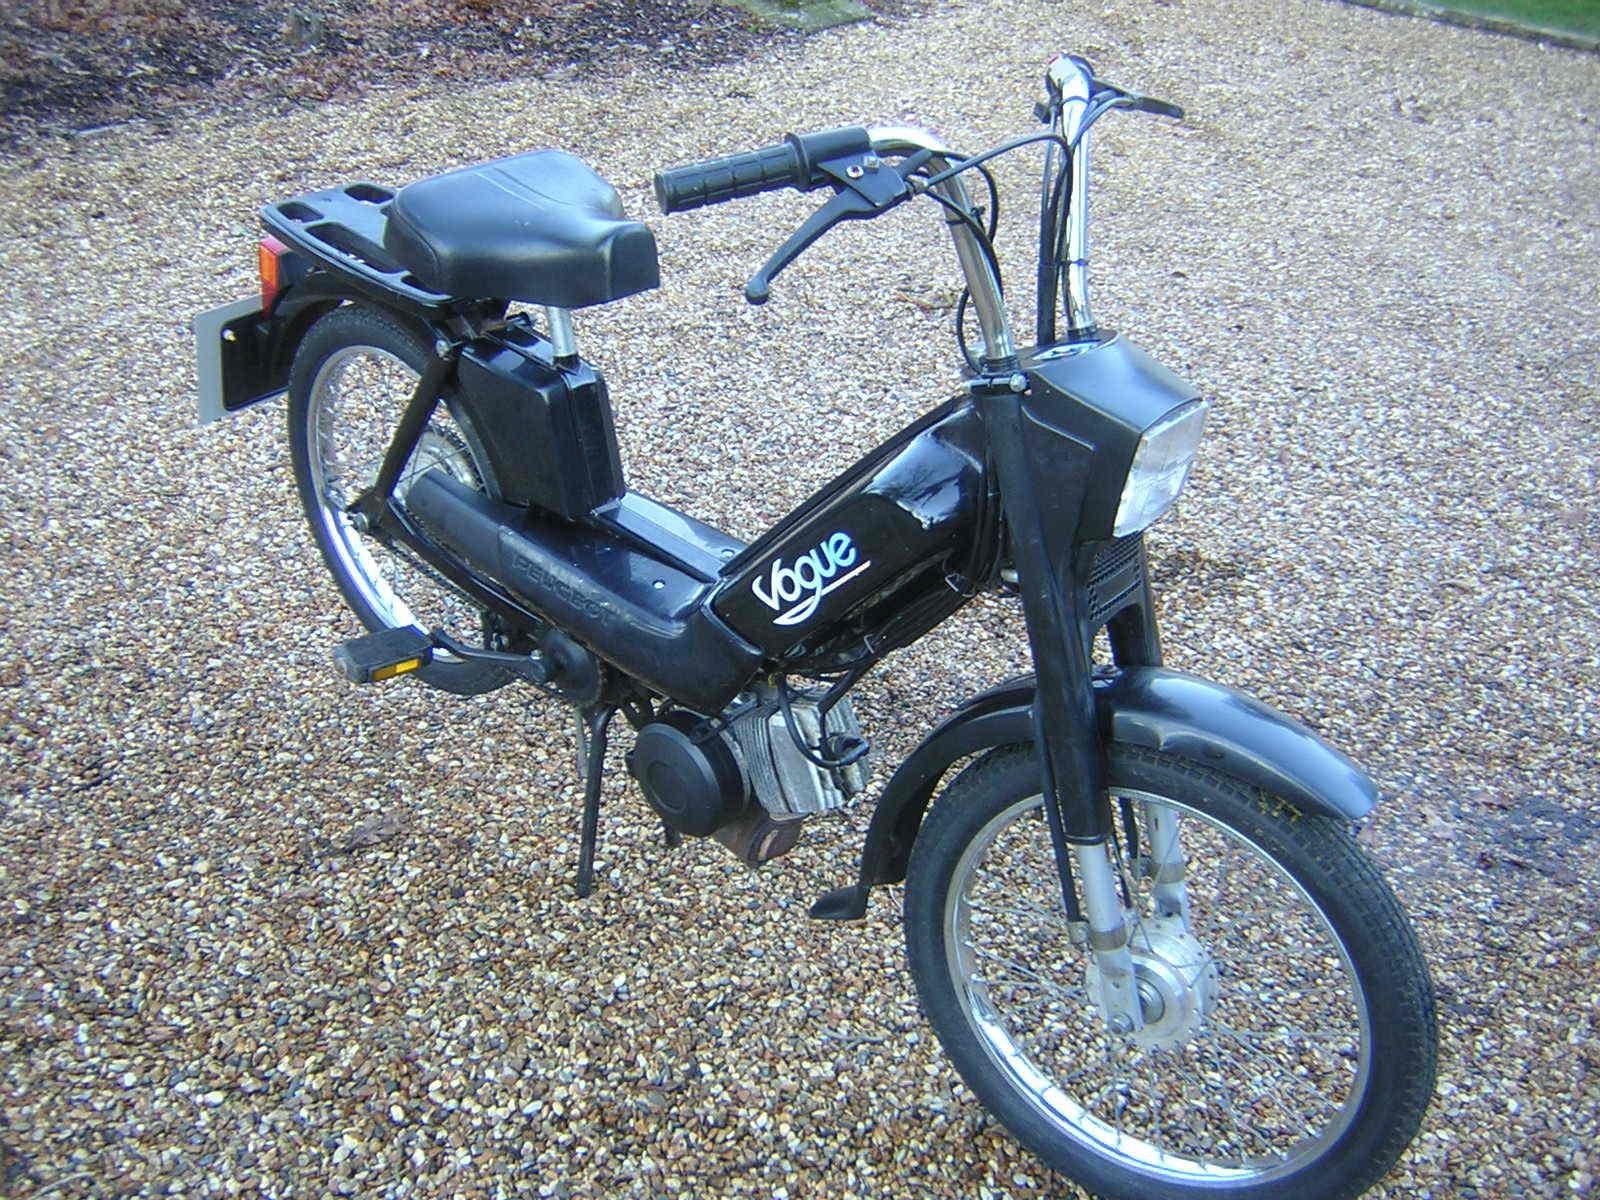 peugeot vogue 103 50cc scooter moped 1999. Black Bedroom Furniture Sets. Home Design Ideas